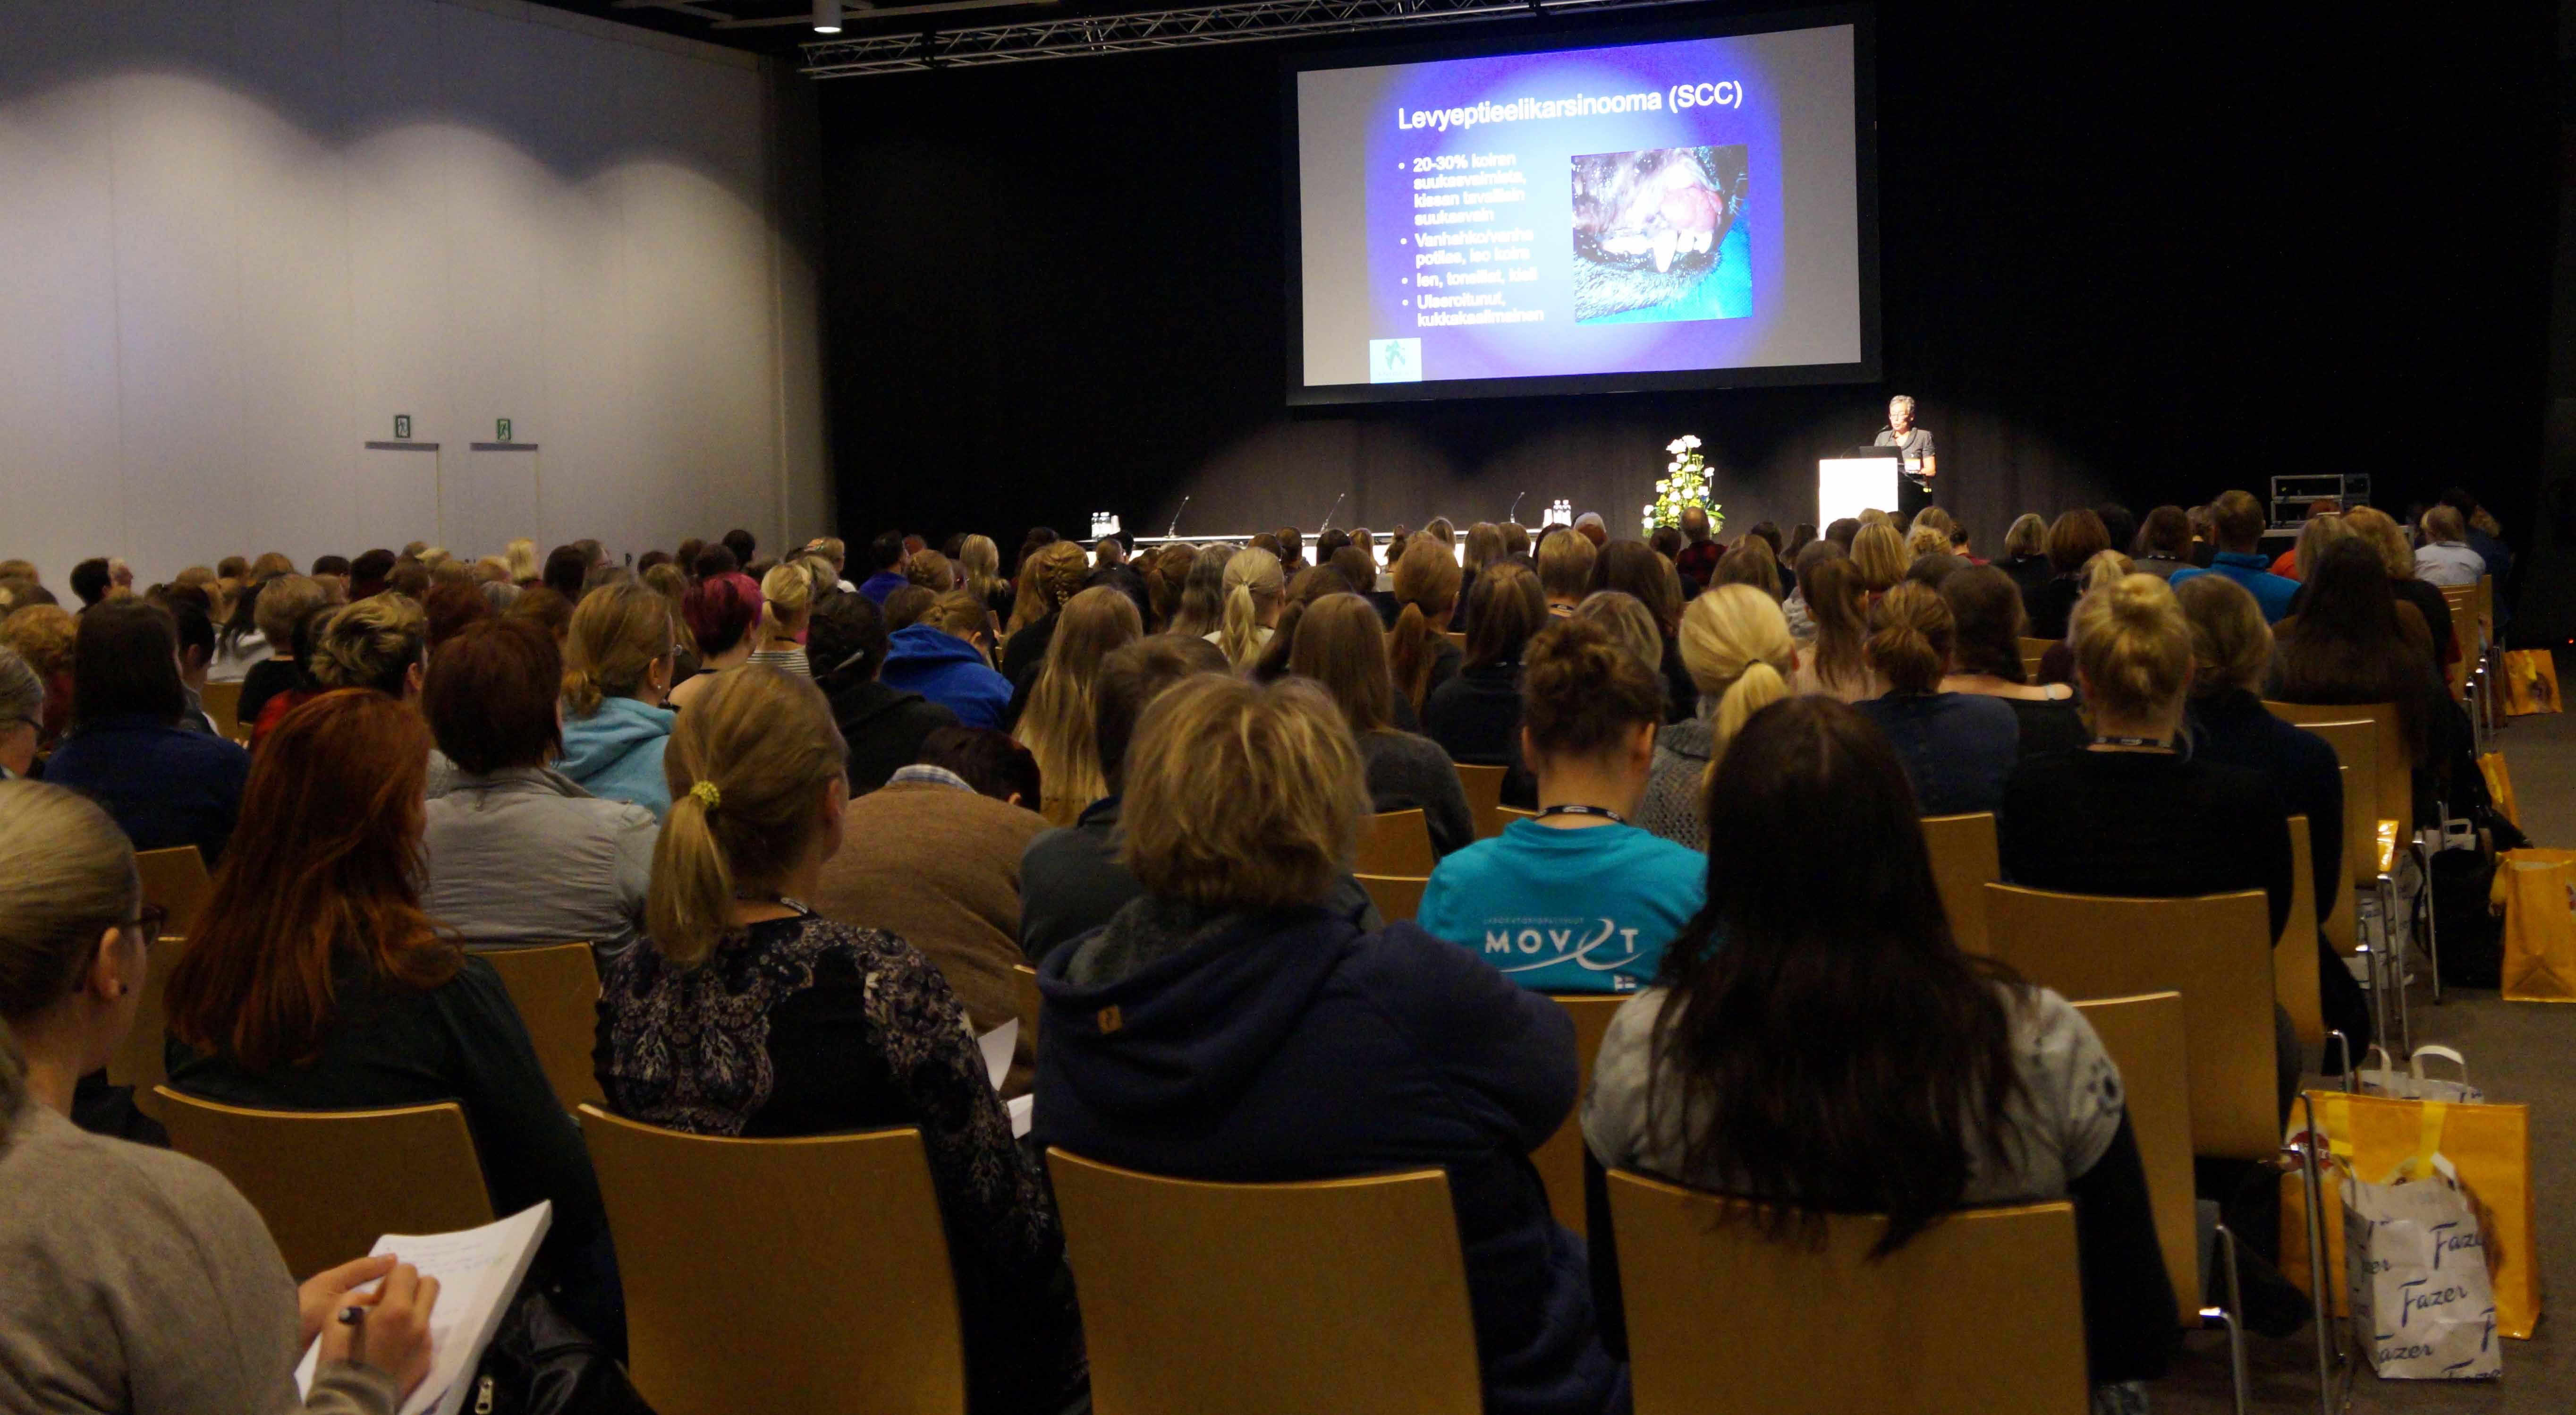 Yleisö kuuntelee Eläinlääkäripäivien luennoitsijaa